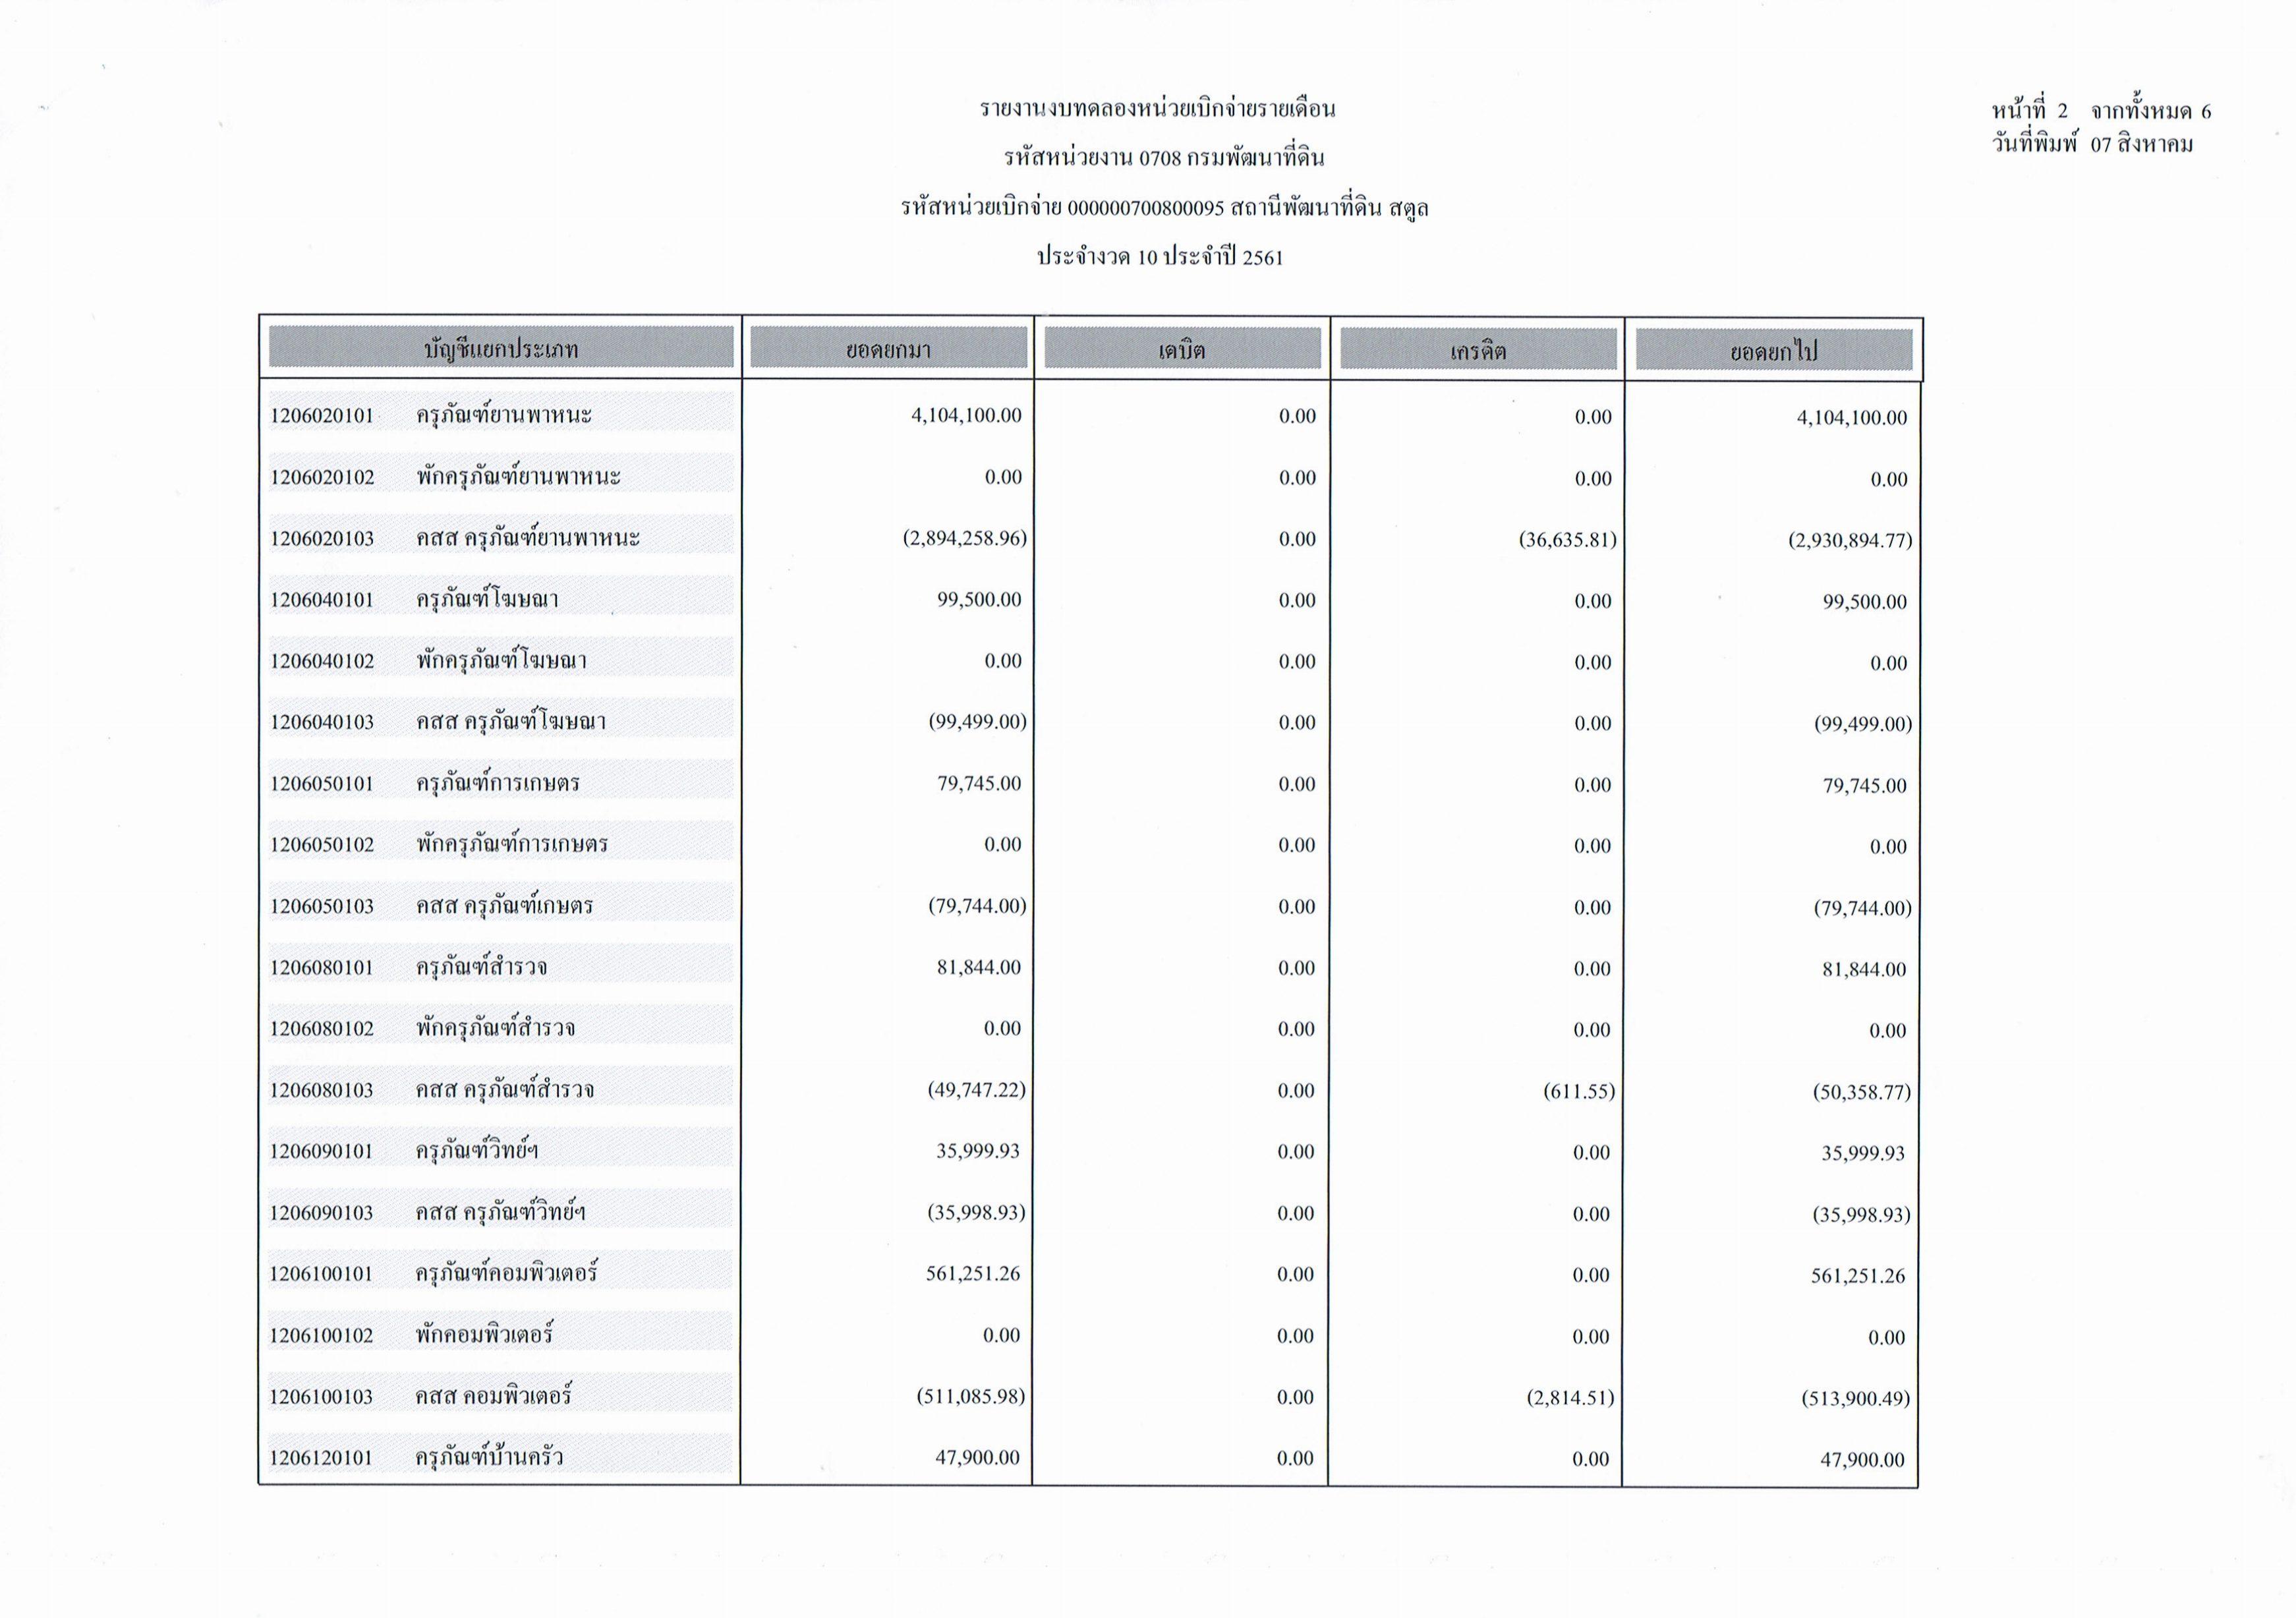 รายงานงบทดลองหน่วยเบิกจ่ายรายเดือนกรกฎาคม ประจำงวด 10 ประจำปี 2561_2